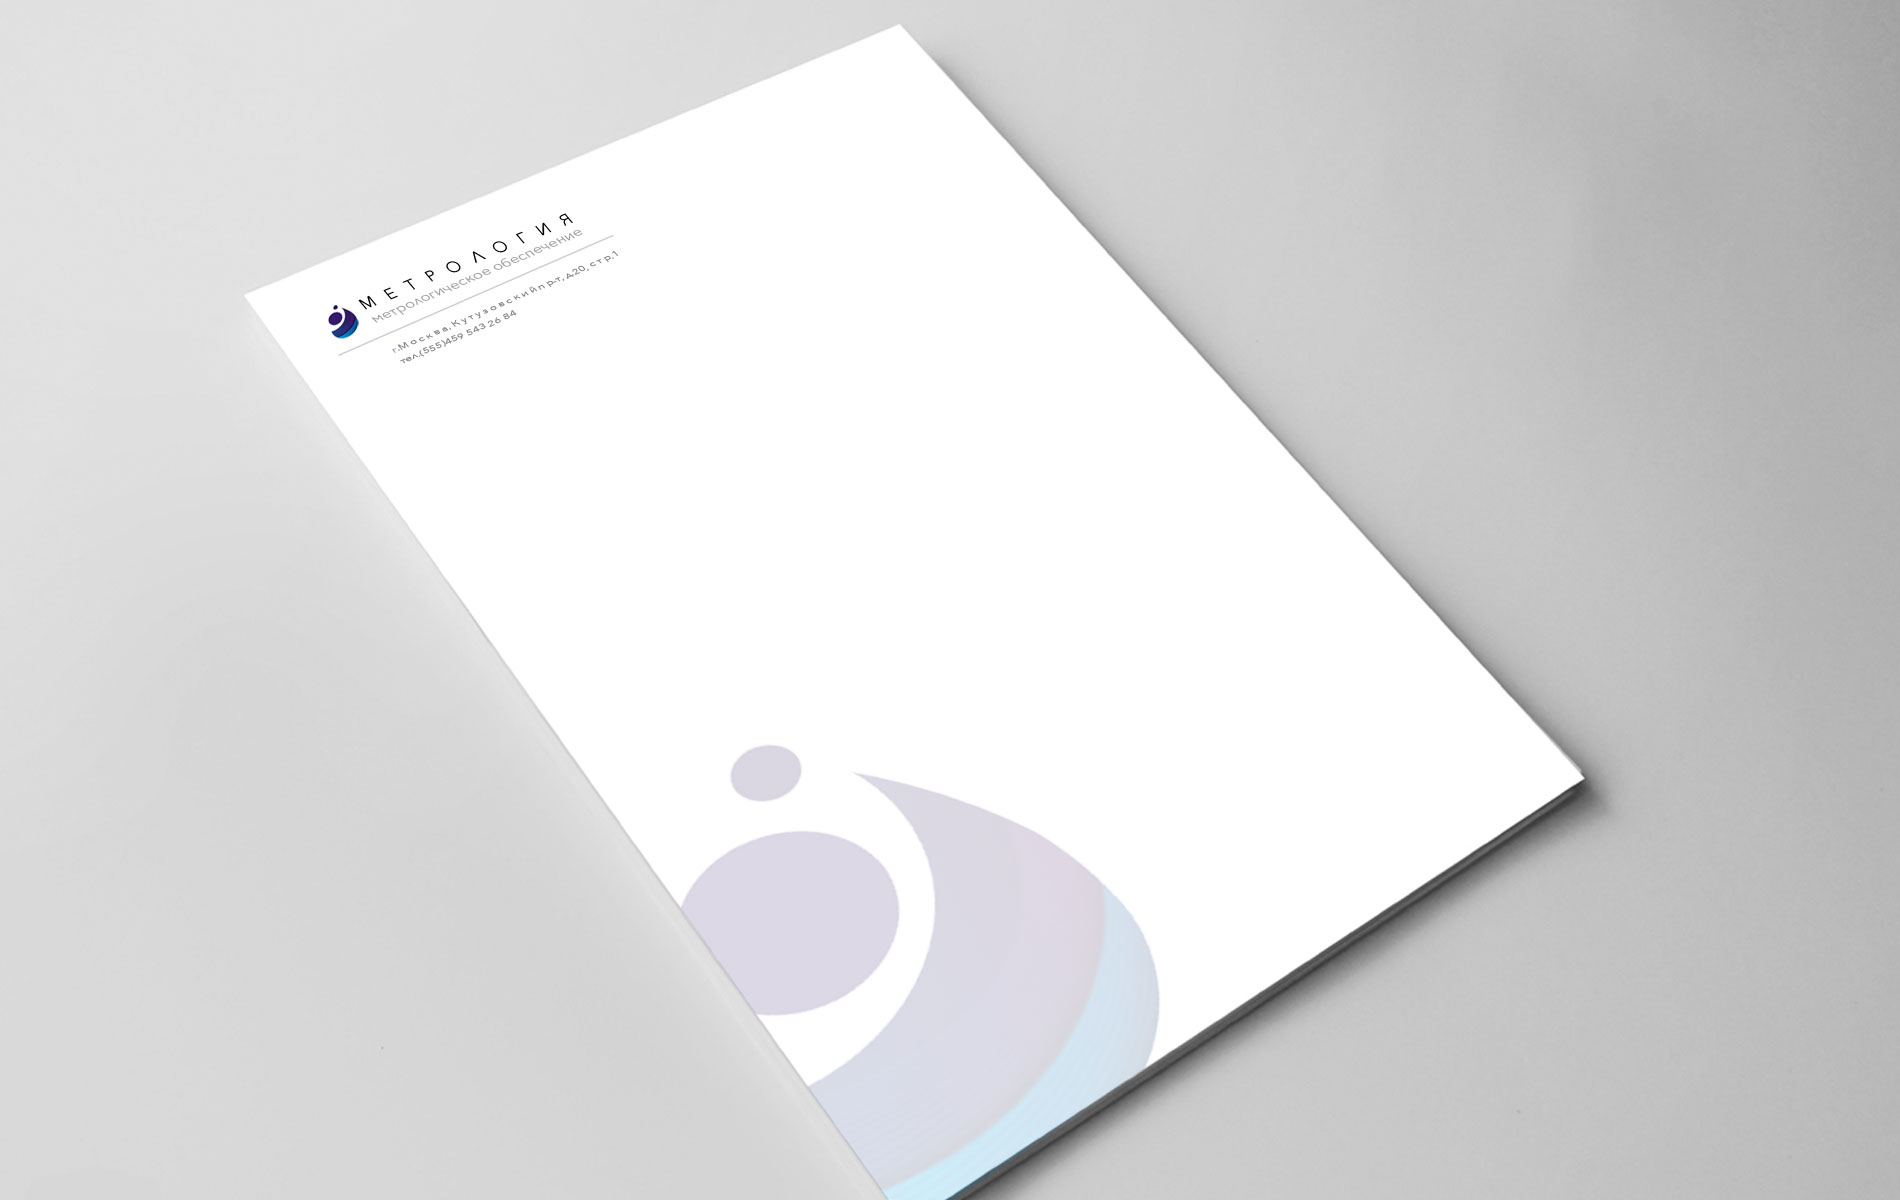 Разработать логотип, визитку, фирменный бланк. фото f_98258ff17976117f.jpg